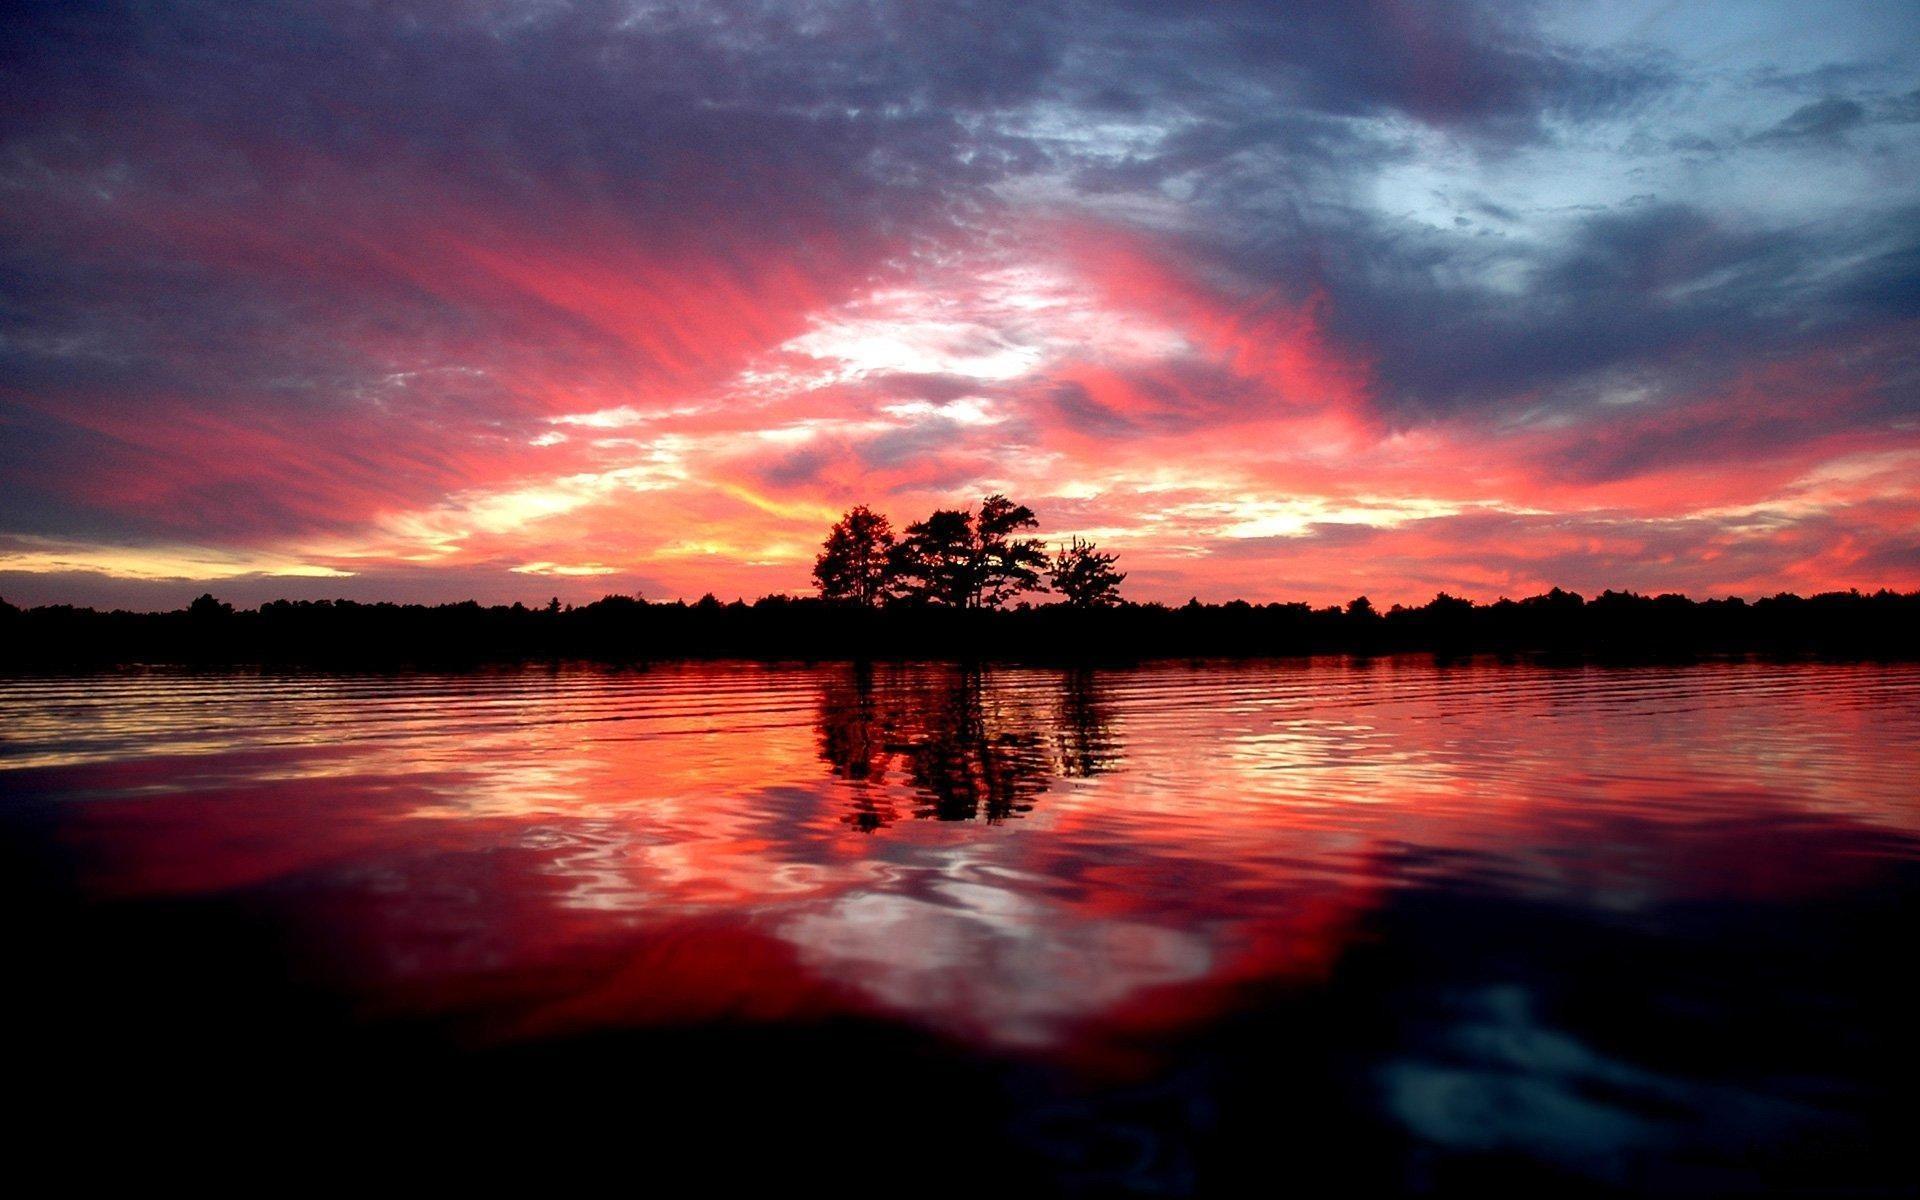 закат озеро бесплатно